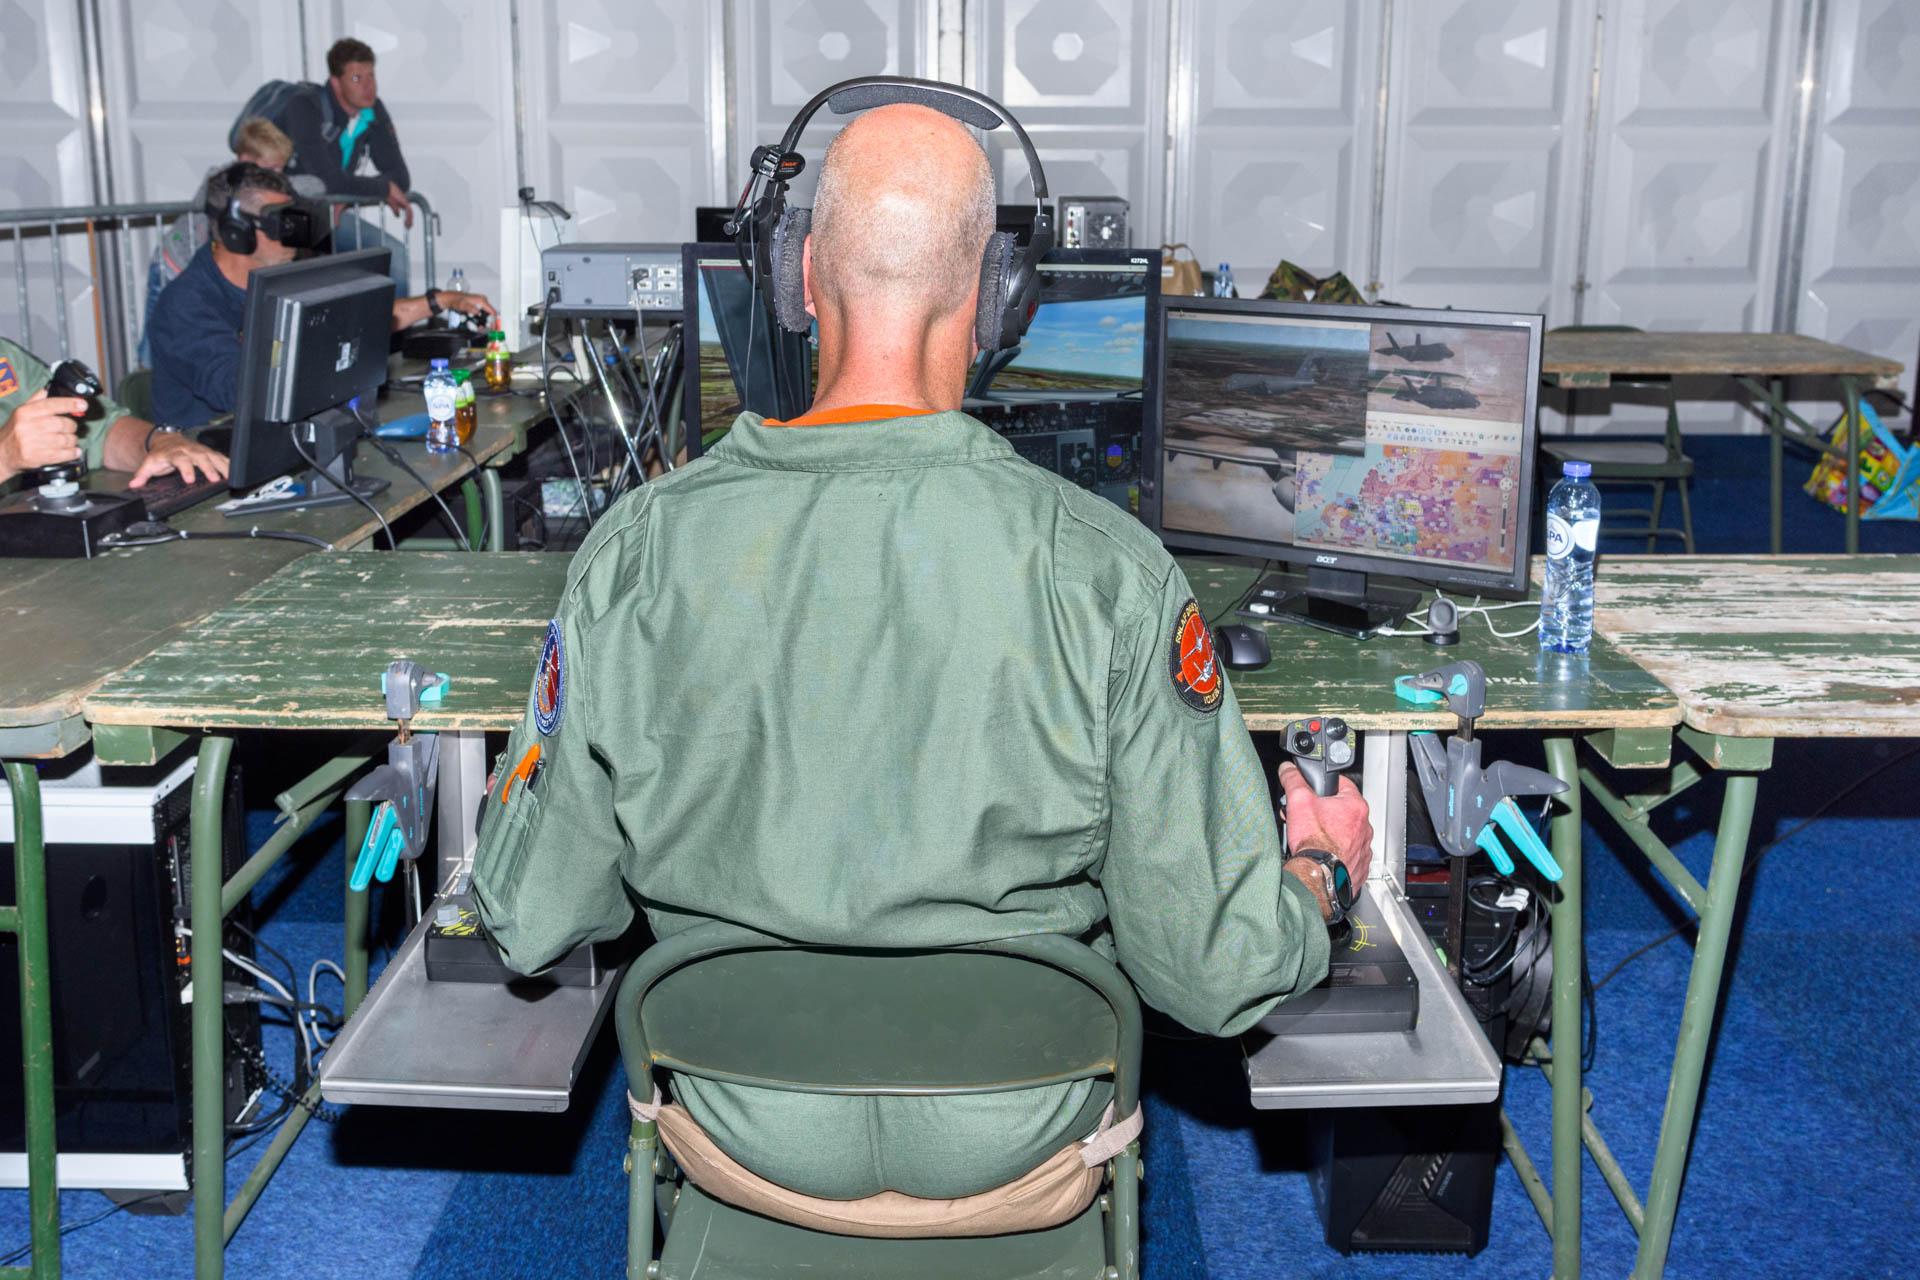 Face Reality | Militaire vliegsimulatie - Luchtmachtdagen Volkel 2019 | Sas Schilten ★ Fotografie